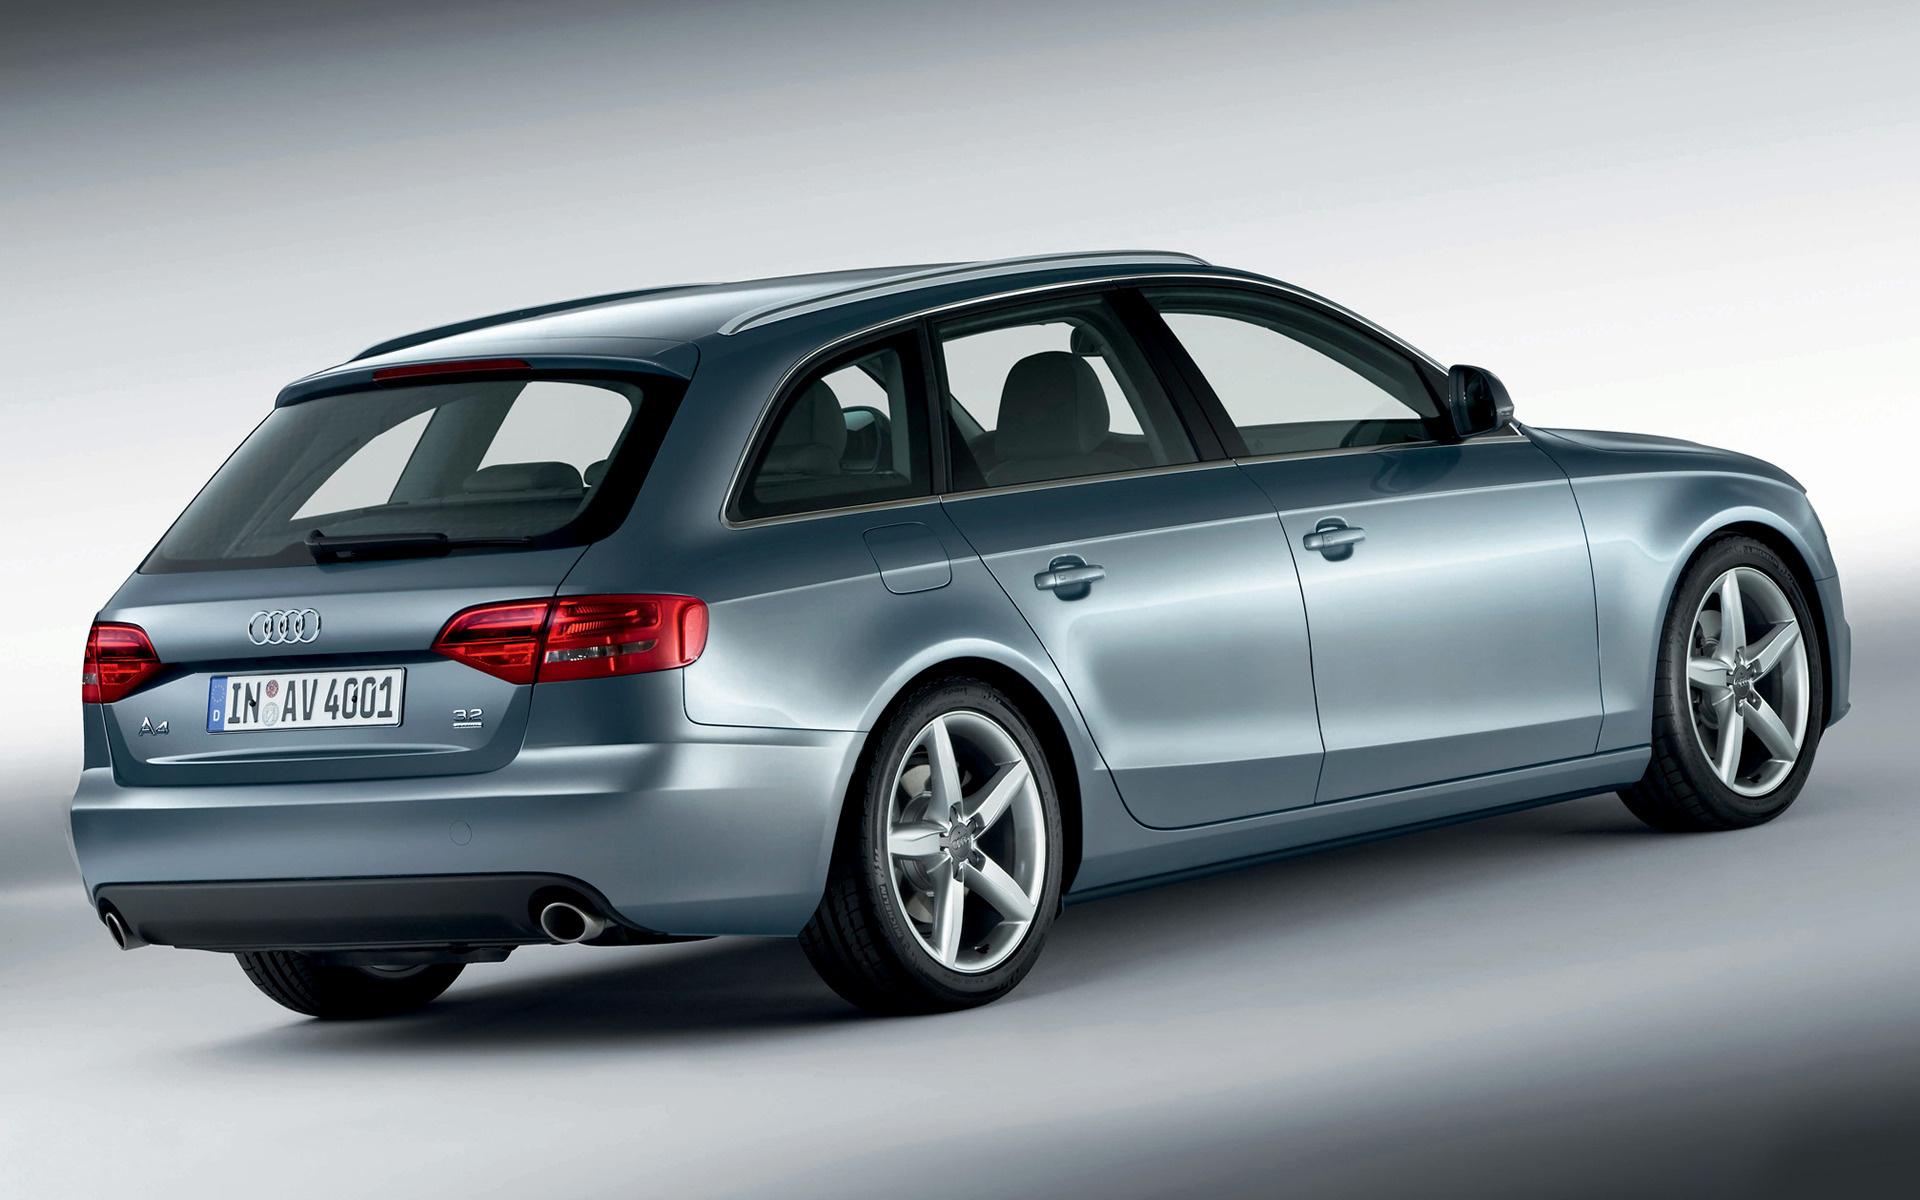 Kelebihan Audi A4 Avant 2008 Murah Berkualitas